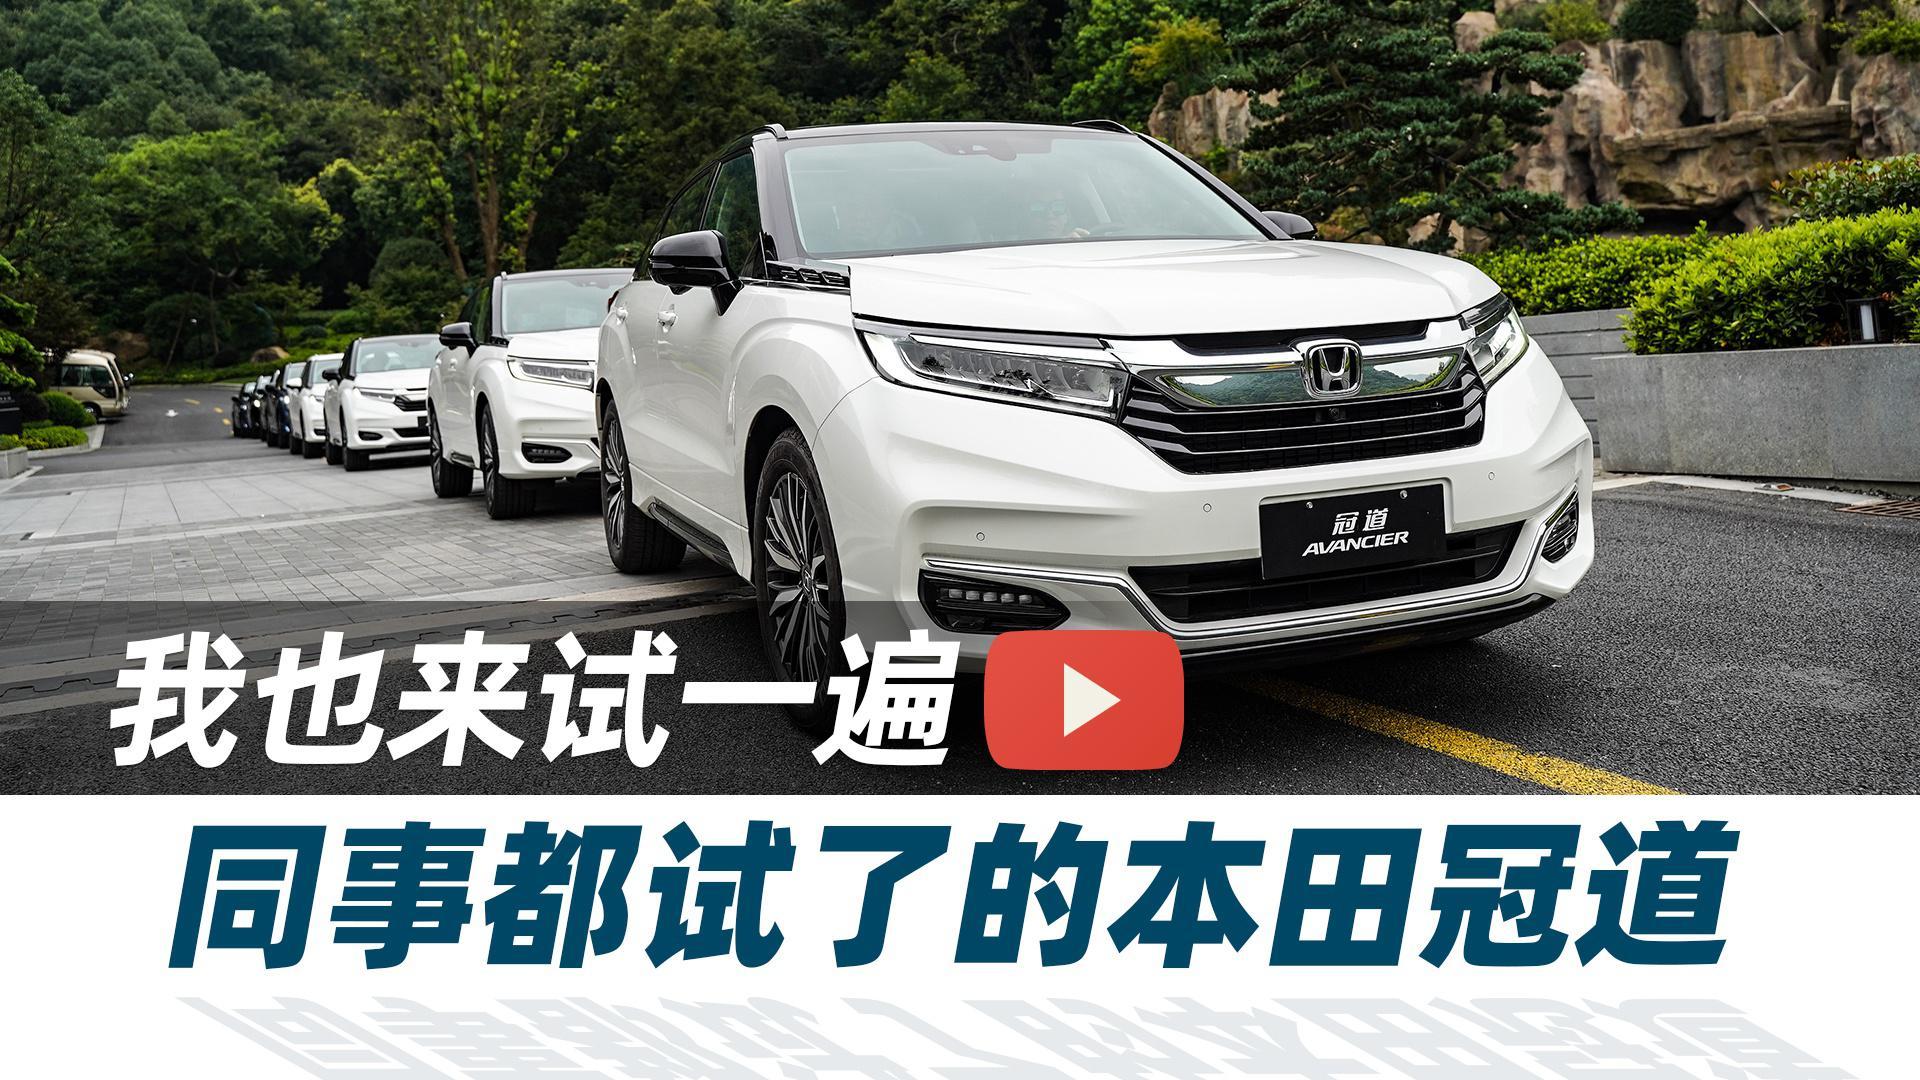 视频:又试新款冠道:本田豪华起来是这样的!【汽车Vlog321】